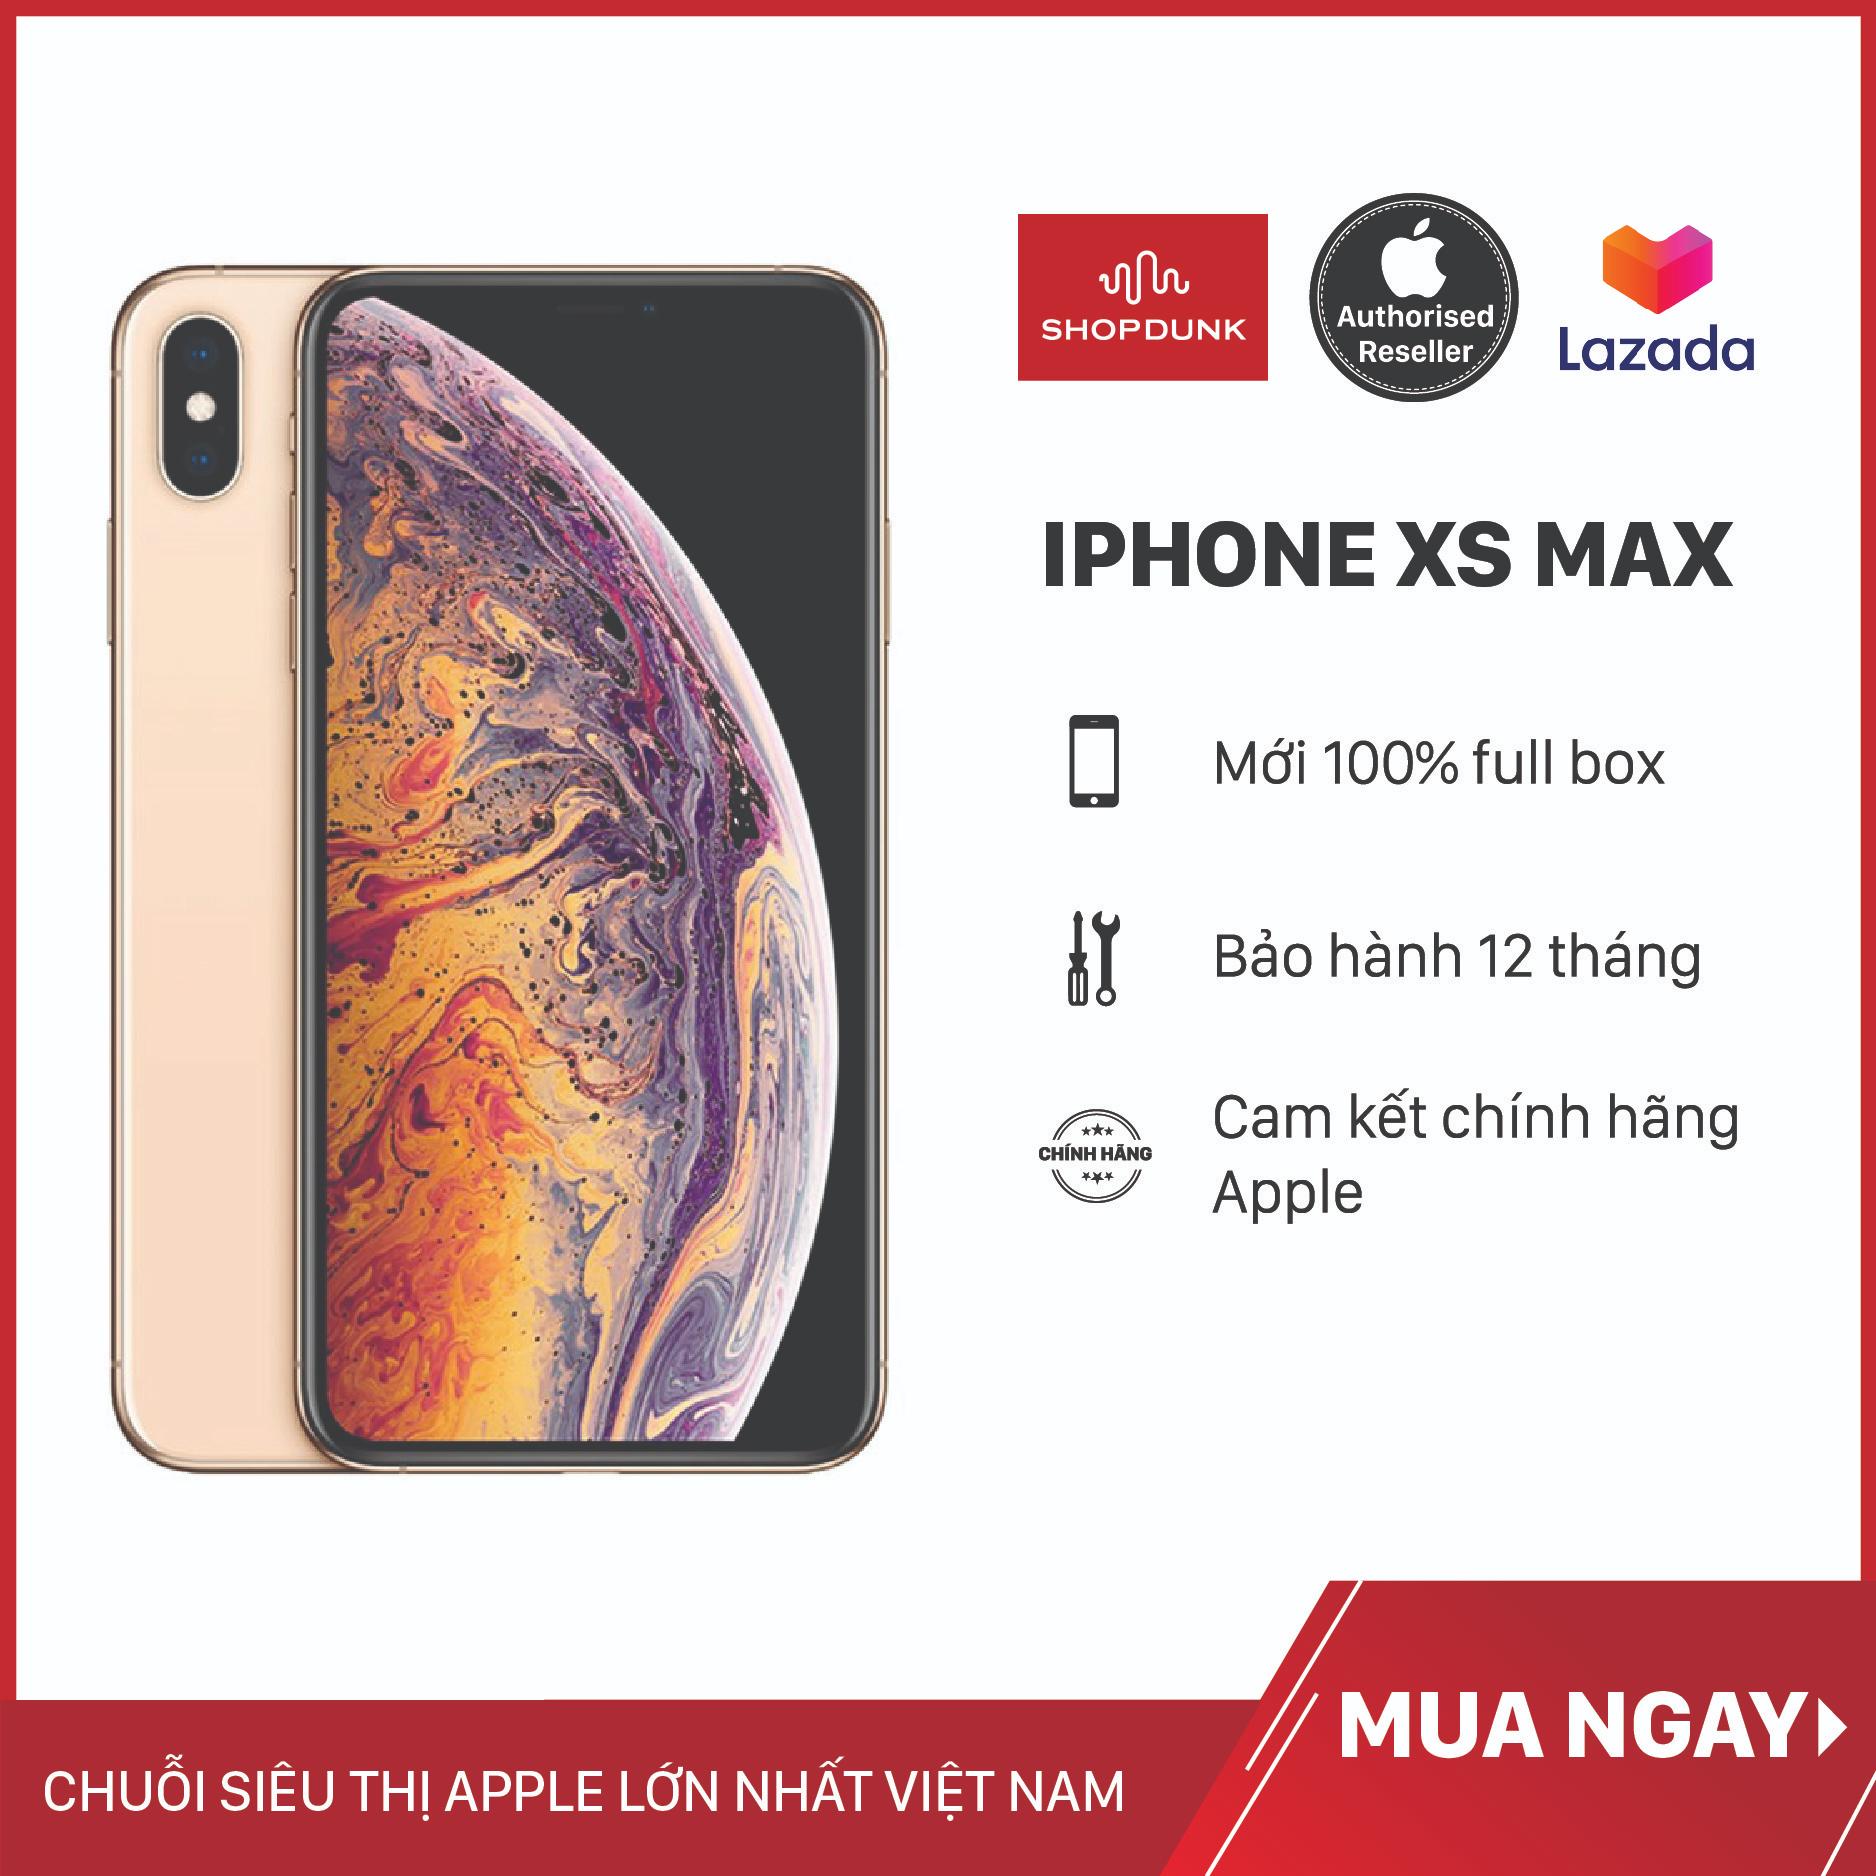 Điện thoại Apple iPhone Xs Max 1 Sim 64G, Hàng Nhập Khẩu, Chính Hãng, Chưa Kích Hoạt, Mới 100%, Bảo Hành 12 Tháng – Shopdunk